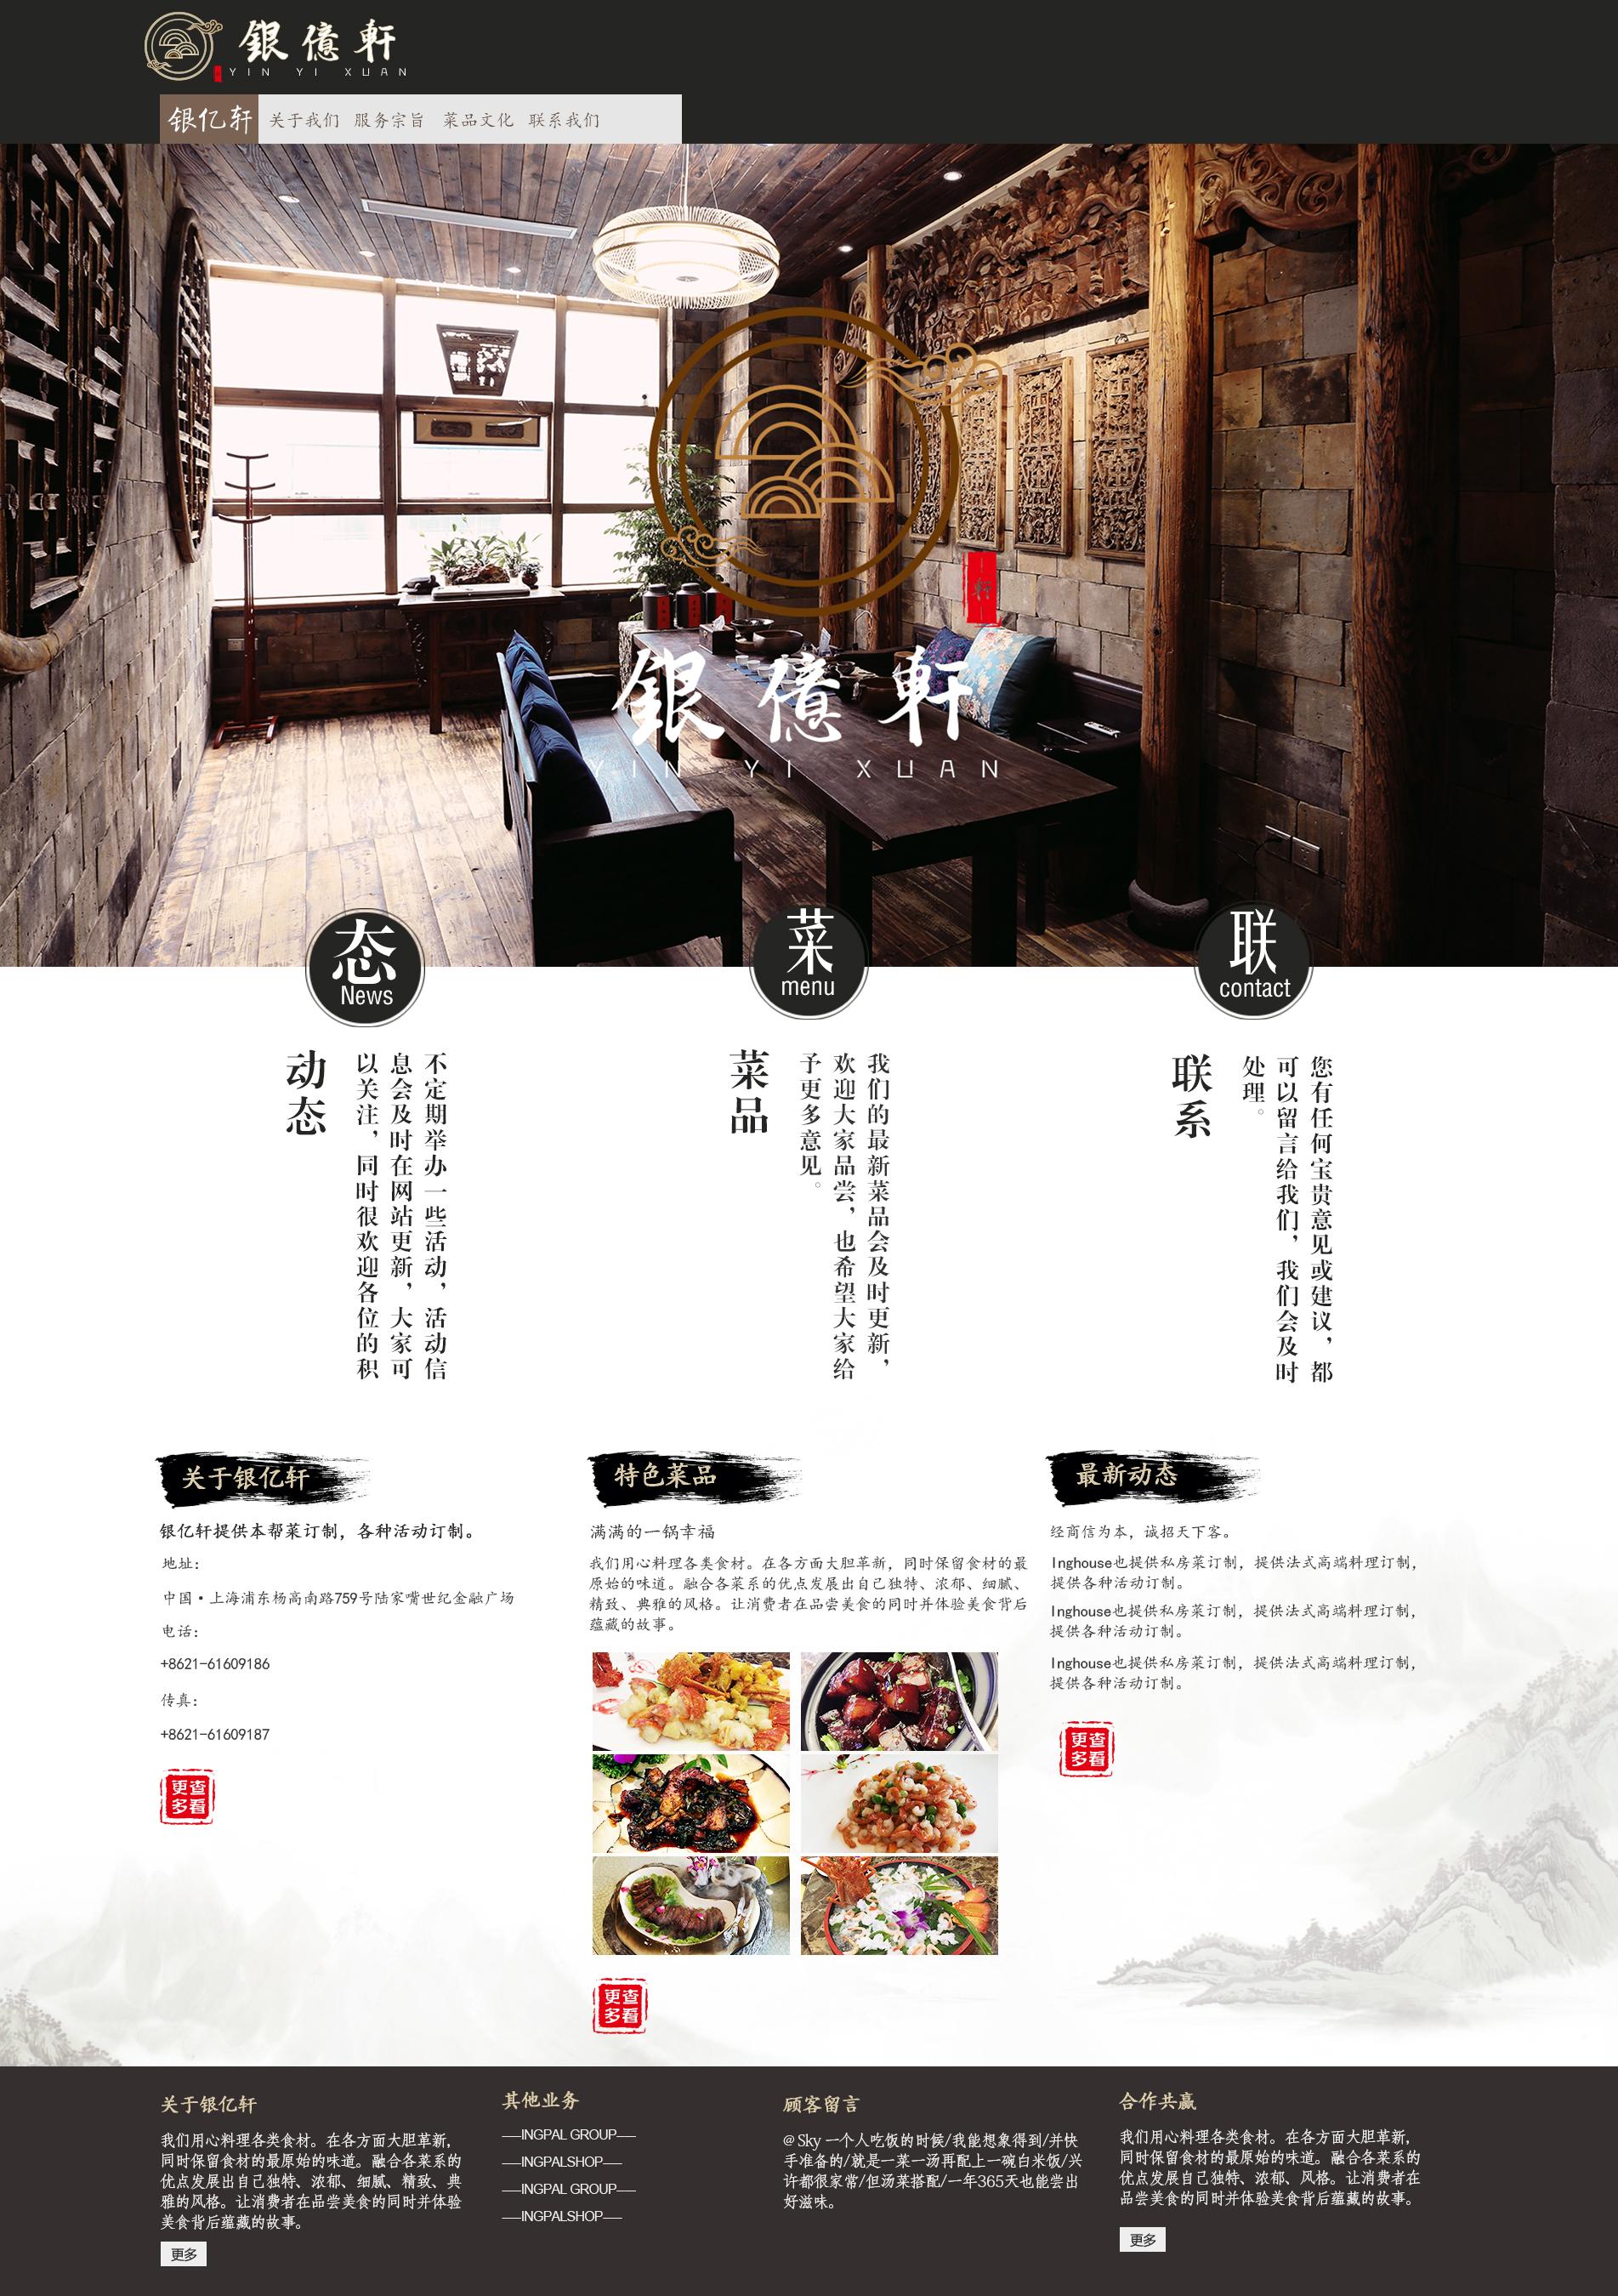 古风饮食网站|网页|企业官网|zz334396884 - 原创作品图片